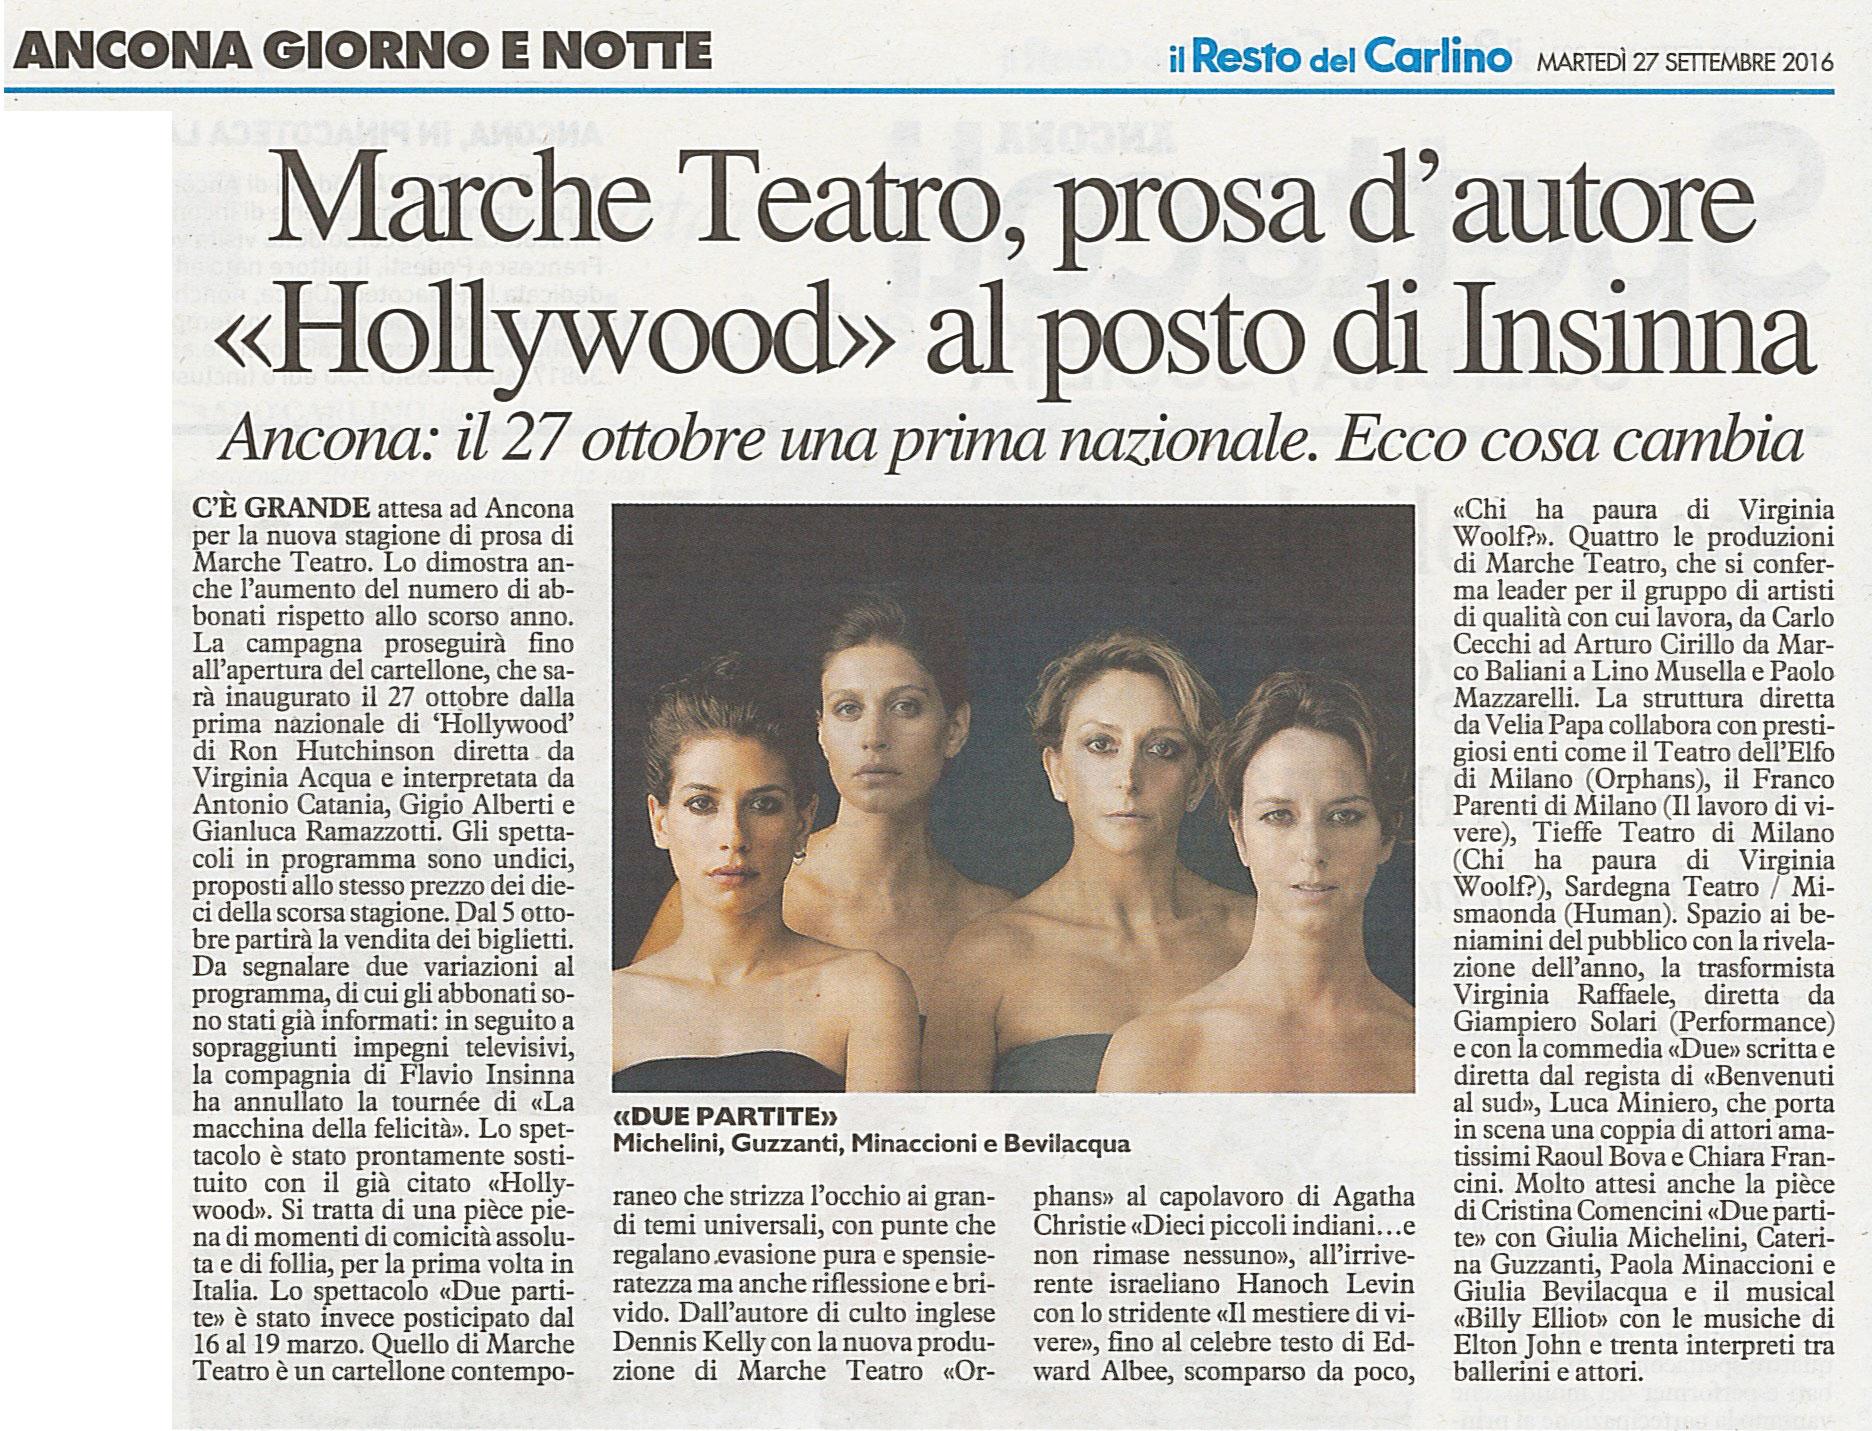 2016_09_27_-marche-teatro-prosa-dautore-hollywood-al-posto-di-insinna_il-resto-del-carlino